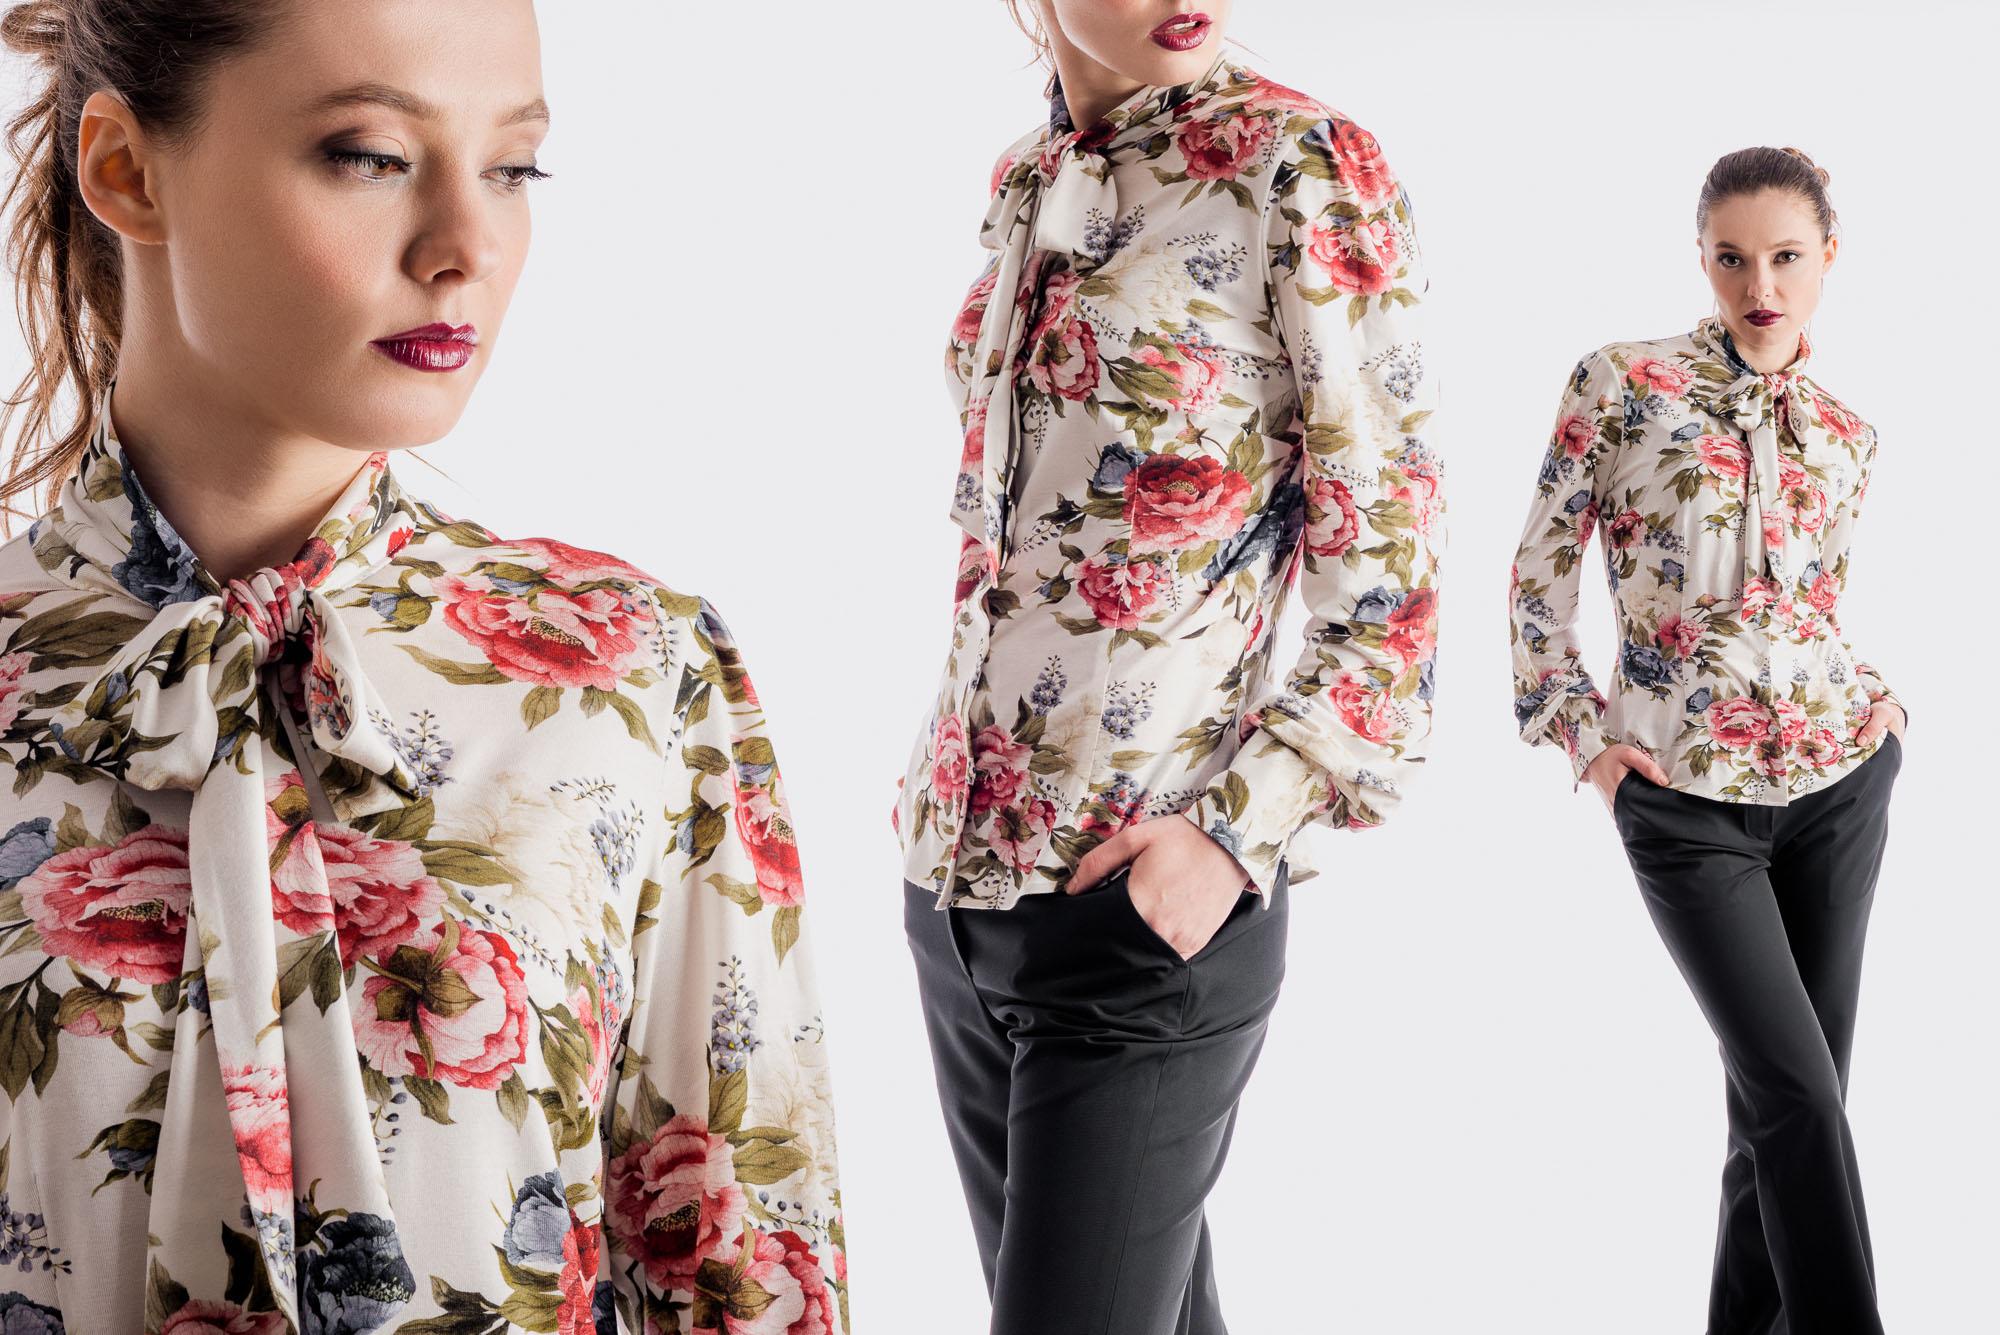 abbigliamento-donna-fotografo-san-benedetto-del-tronto